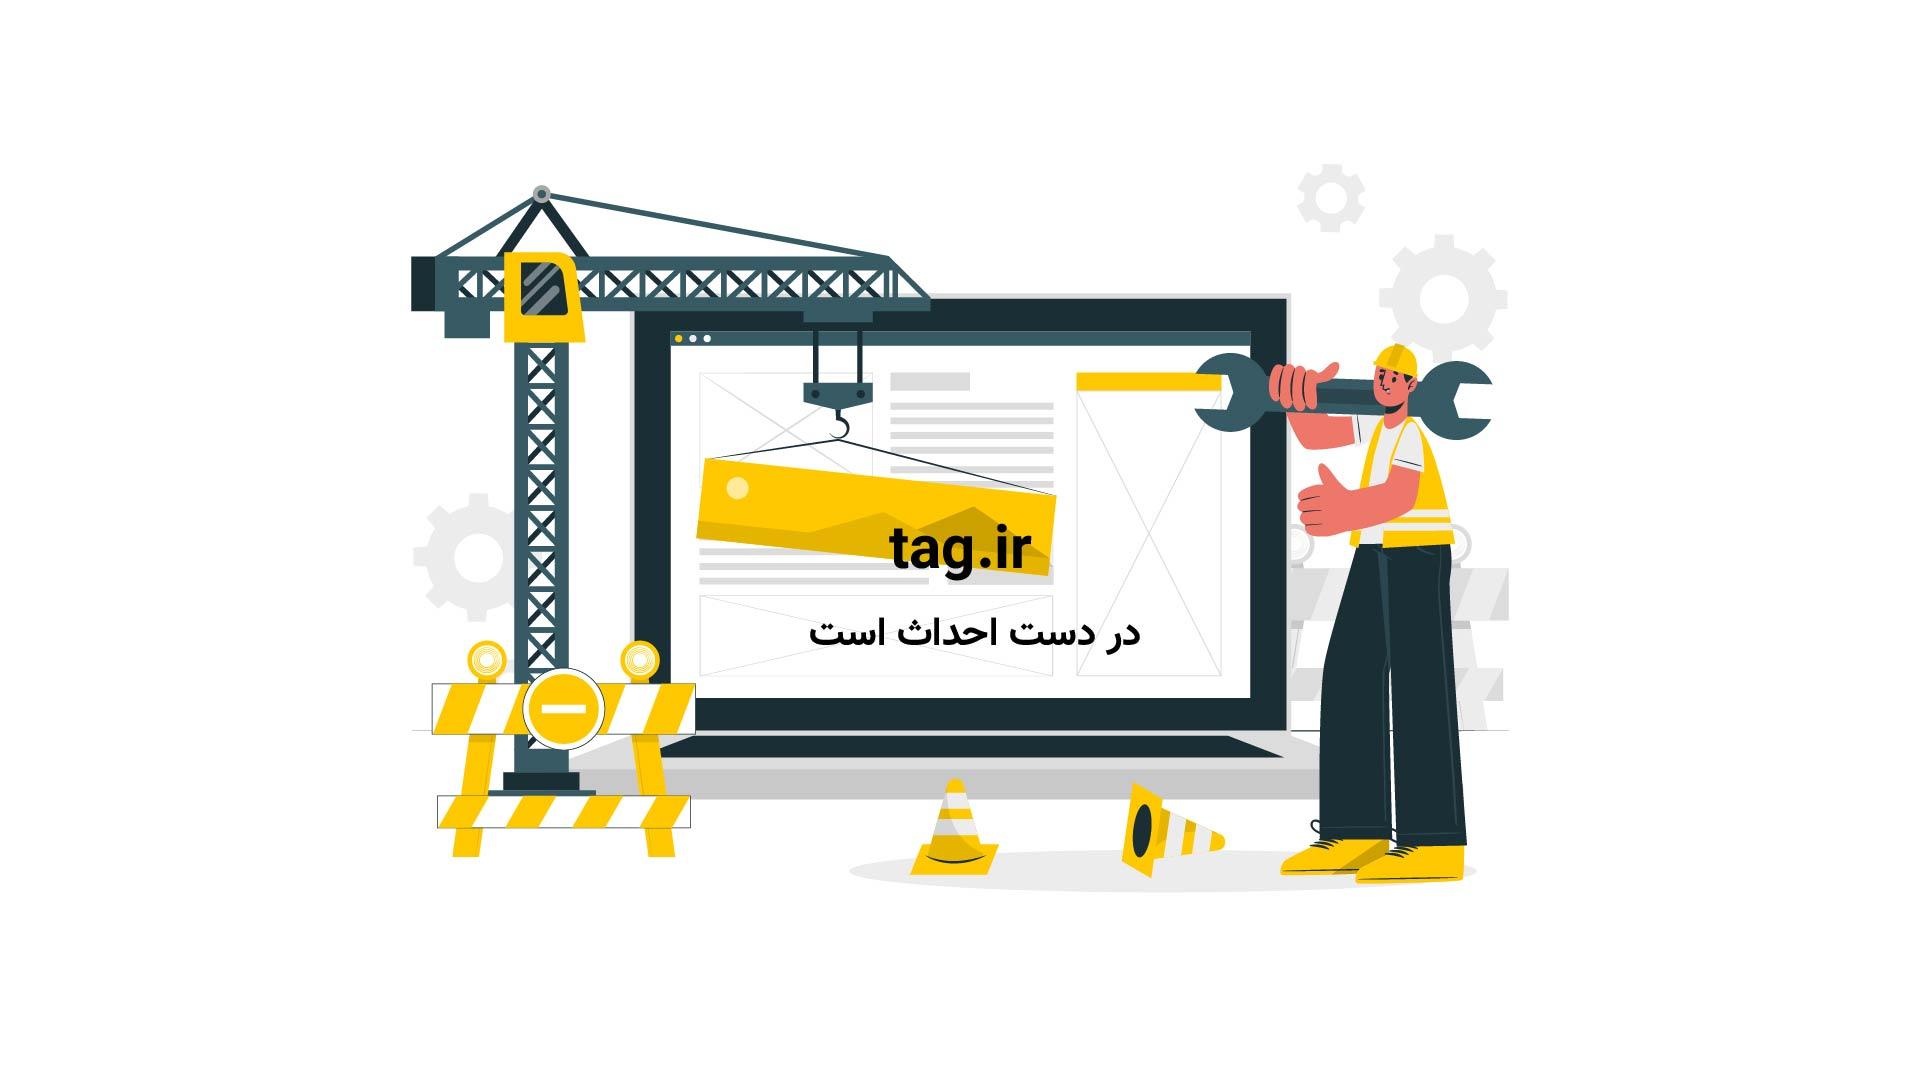 اجرای زنده ترانه کردی «یا رسول الله » توسط سامی یوسف به همراه زیرنویس فارسی   فیلم